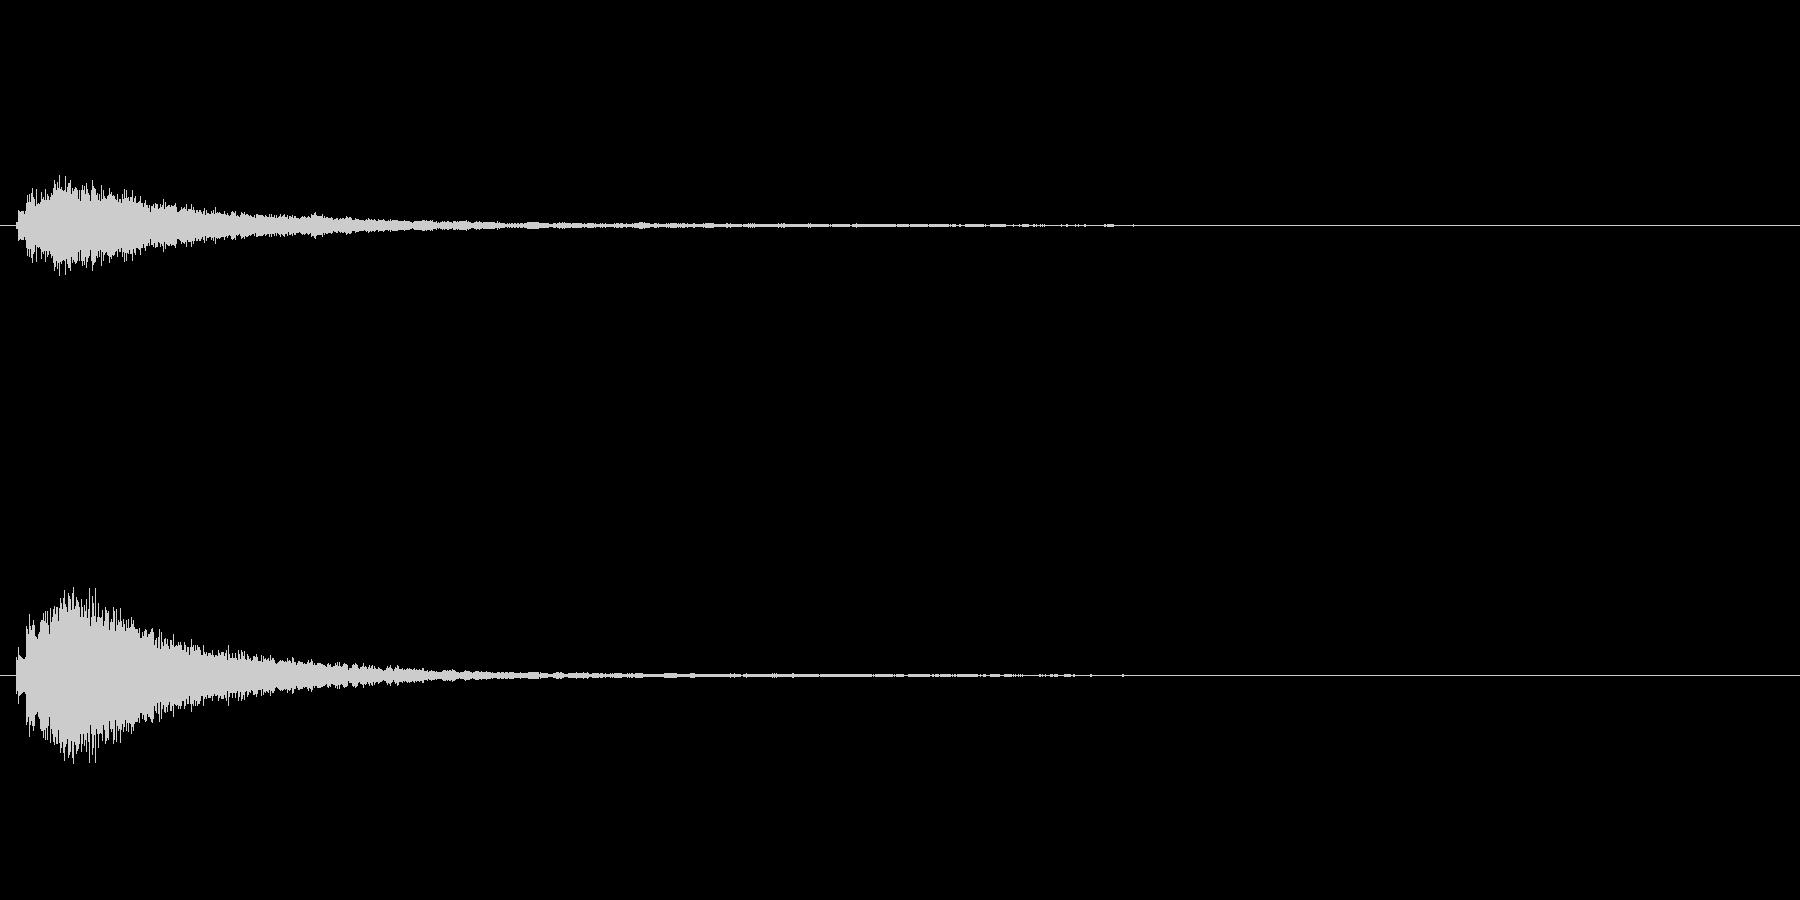 キラキラ系_096の未再生の波形